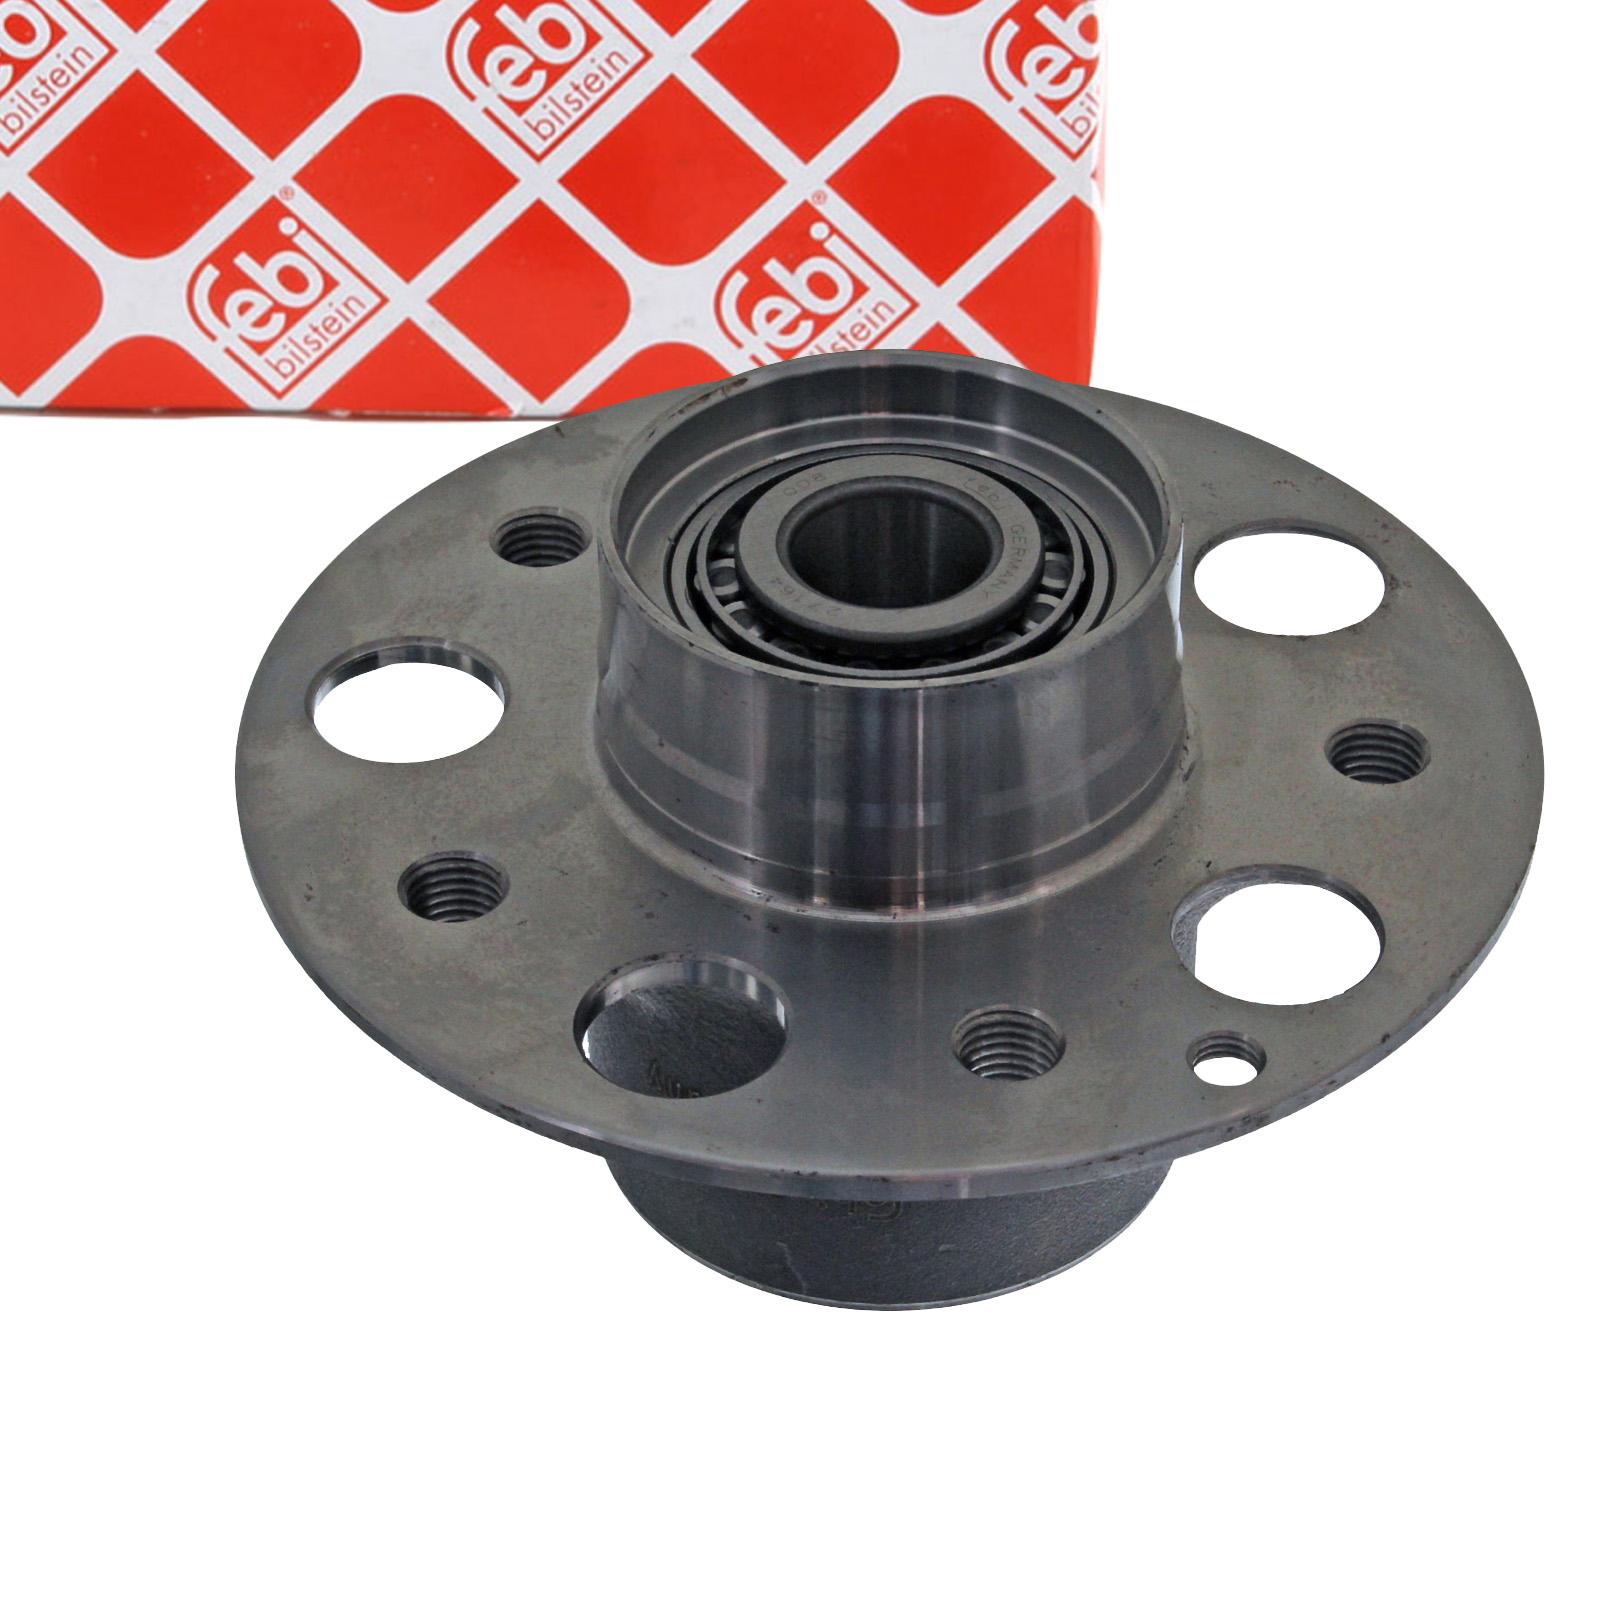 FEBI 36077 Radlagersatz Radnabe MERCEDES W203 CL203 C209 A209 SLK R171 vorne A2093300325